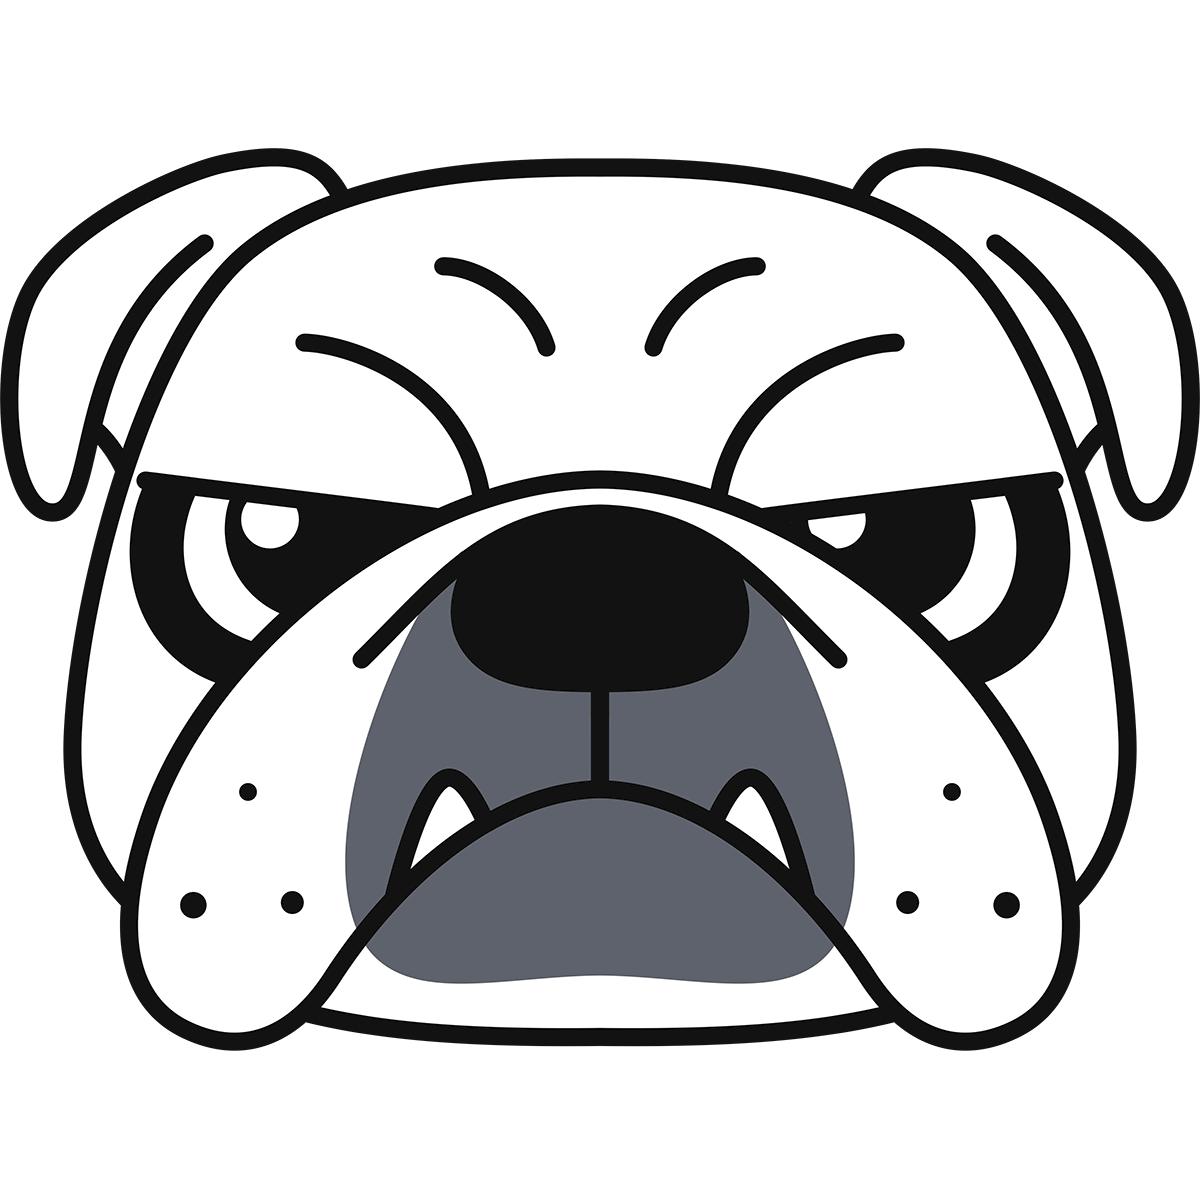 ブルドッグの顔(白)の無料イラスト